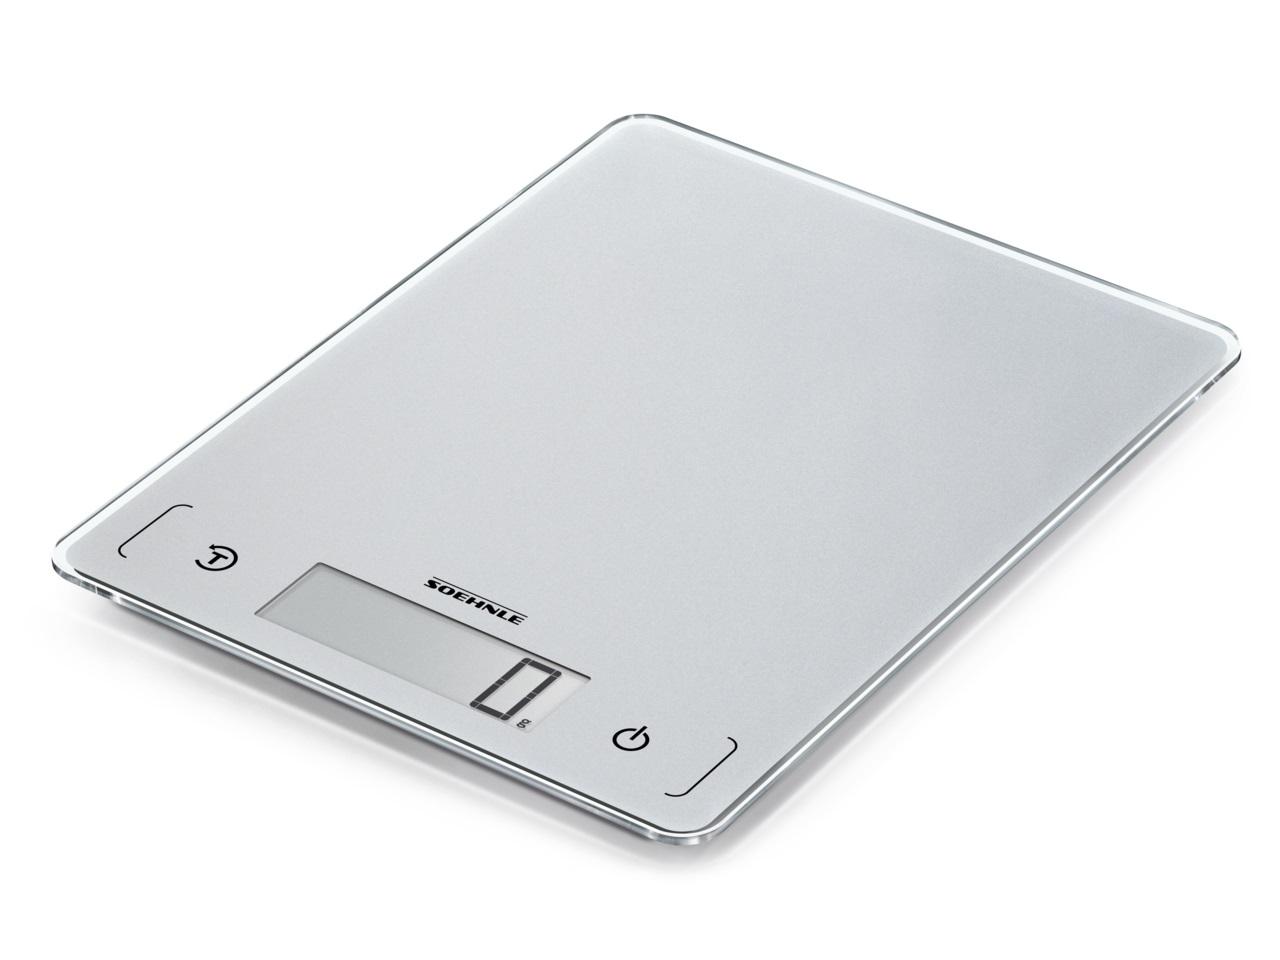 Soehnle Elektroniskie virtuves svari Page Comfort 300 Slim 1061504 virtuves svari